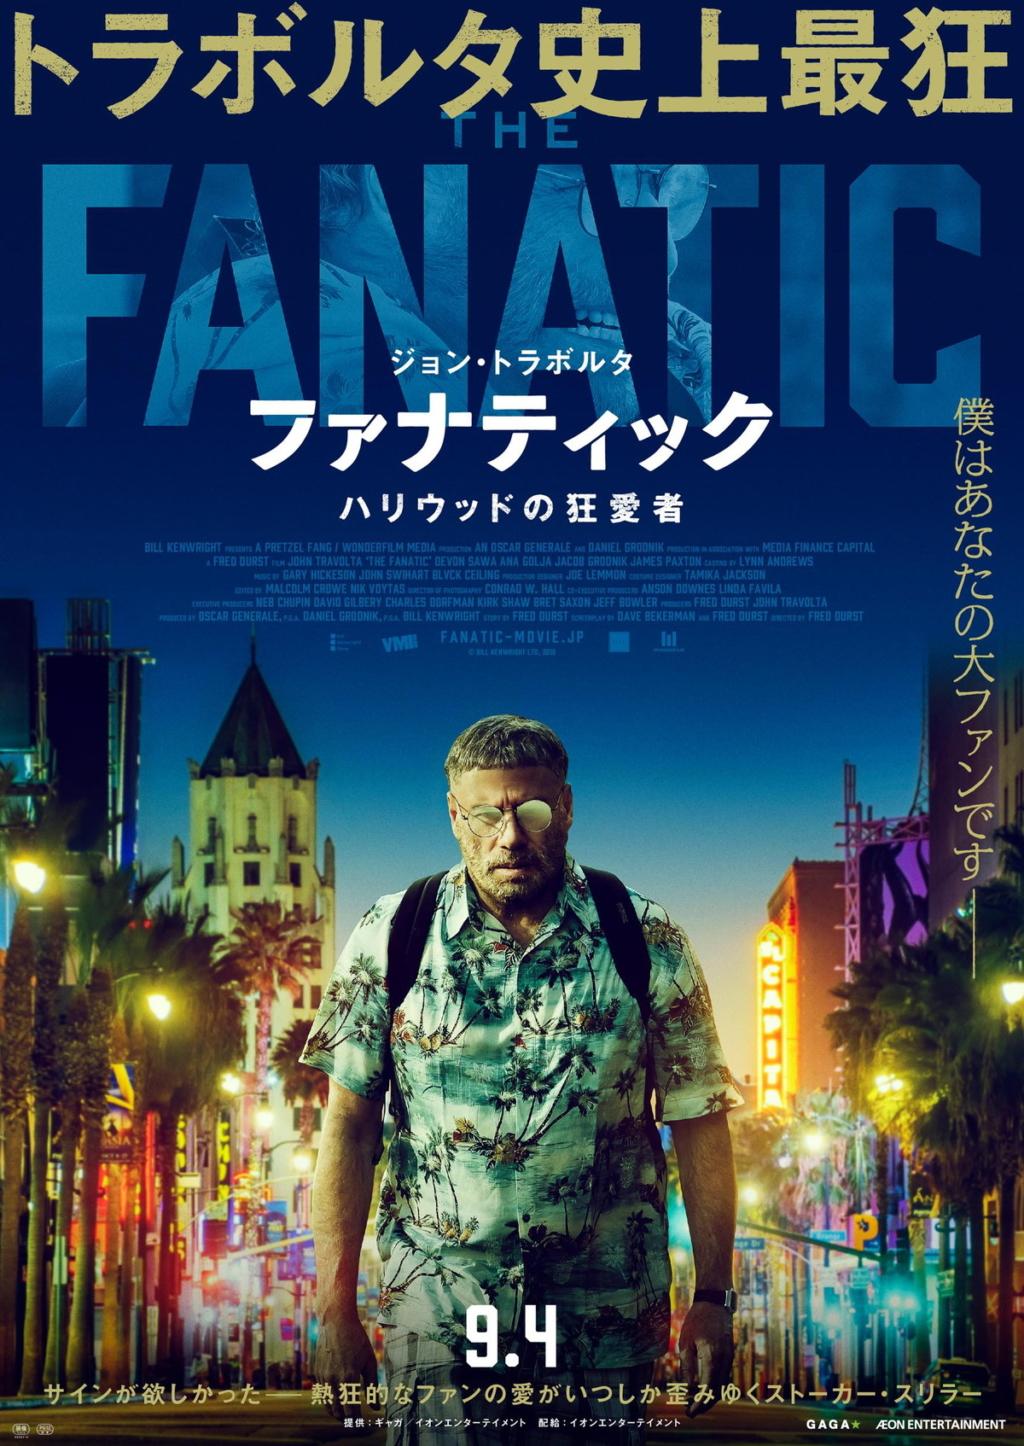 ファナティック ハリウッドの狂愛者